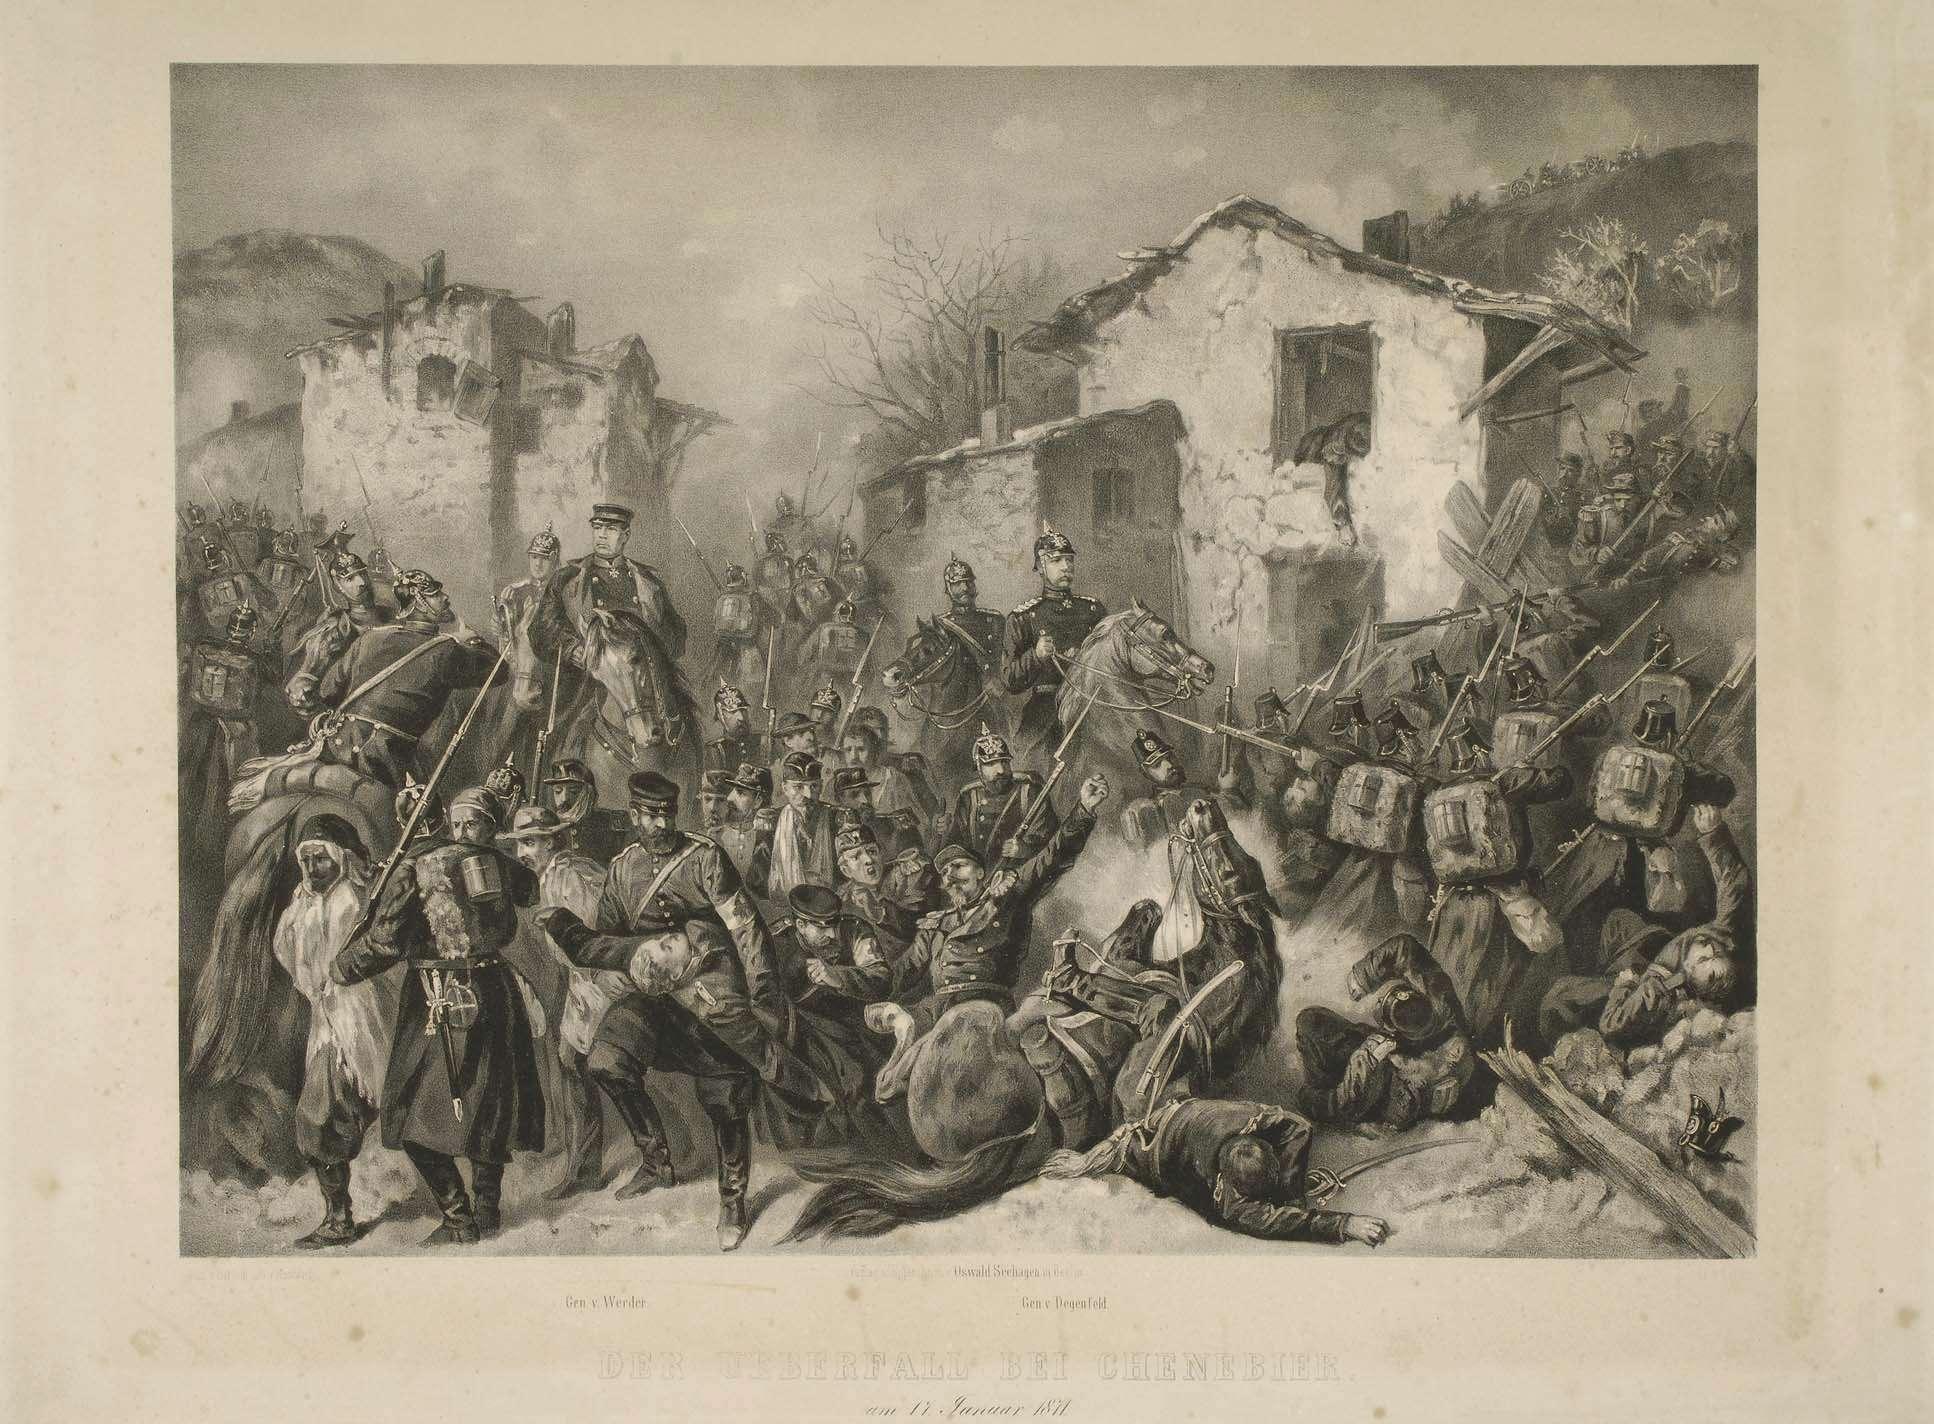 Preussische Truppen beim Überfall von Chenevier, Innerorts, am 17. Januar 1871, mittig Generäle von Werder und von Degenfeld sowie berittene Offiziere, ausschwärmende Truppen zu Fuss, im Vordergrund Gefallene, Verwundete und Kriegsgefangene, Bild 1